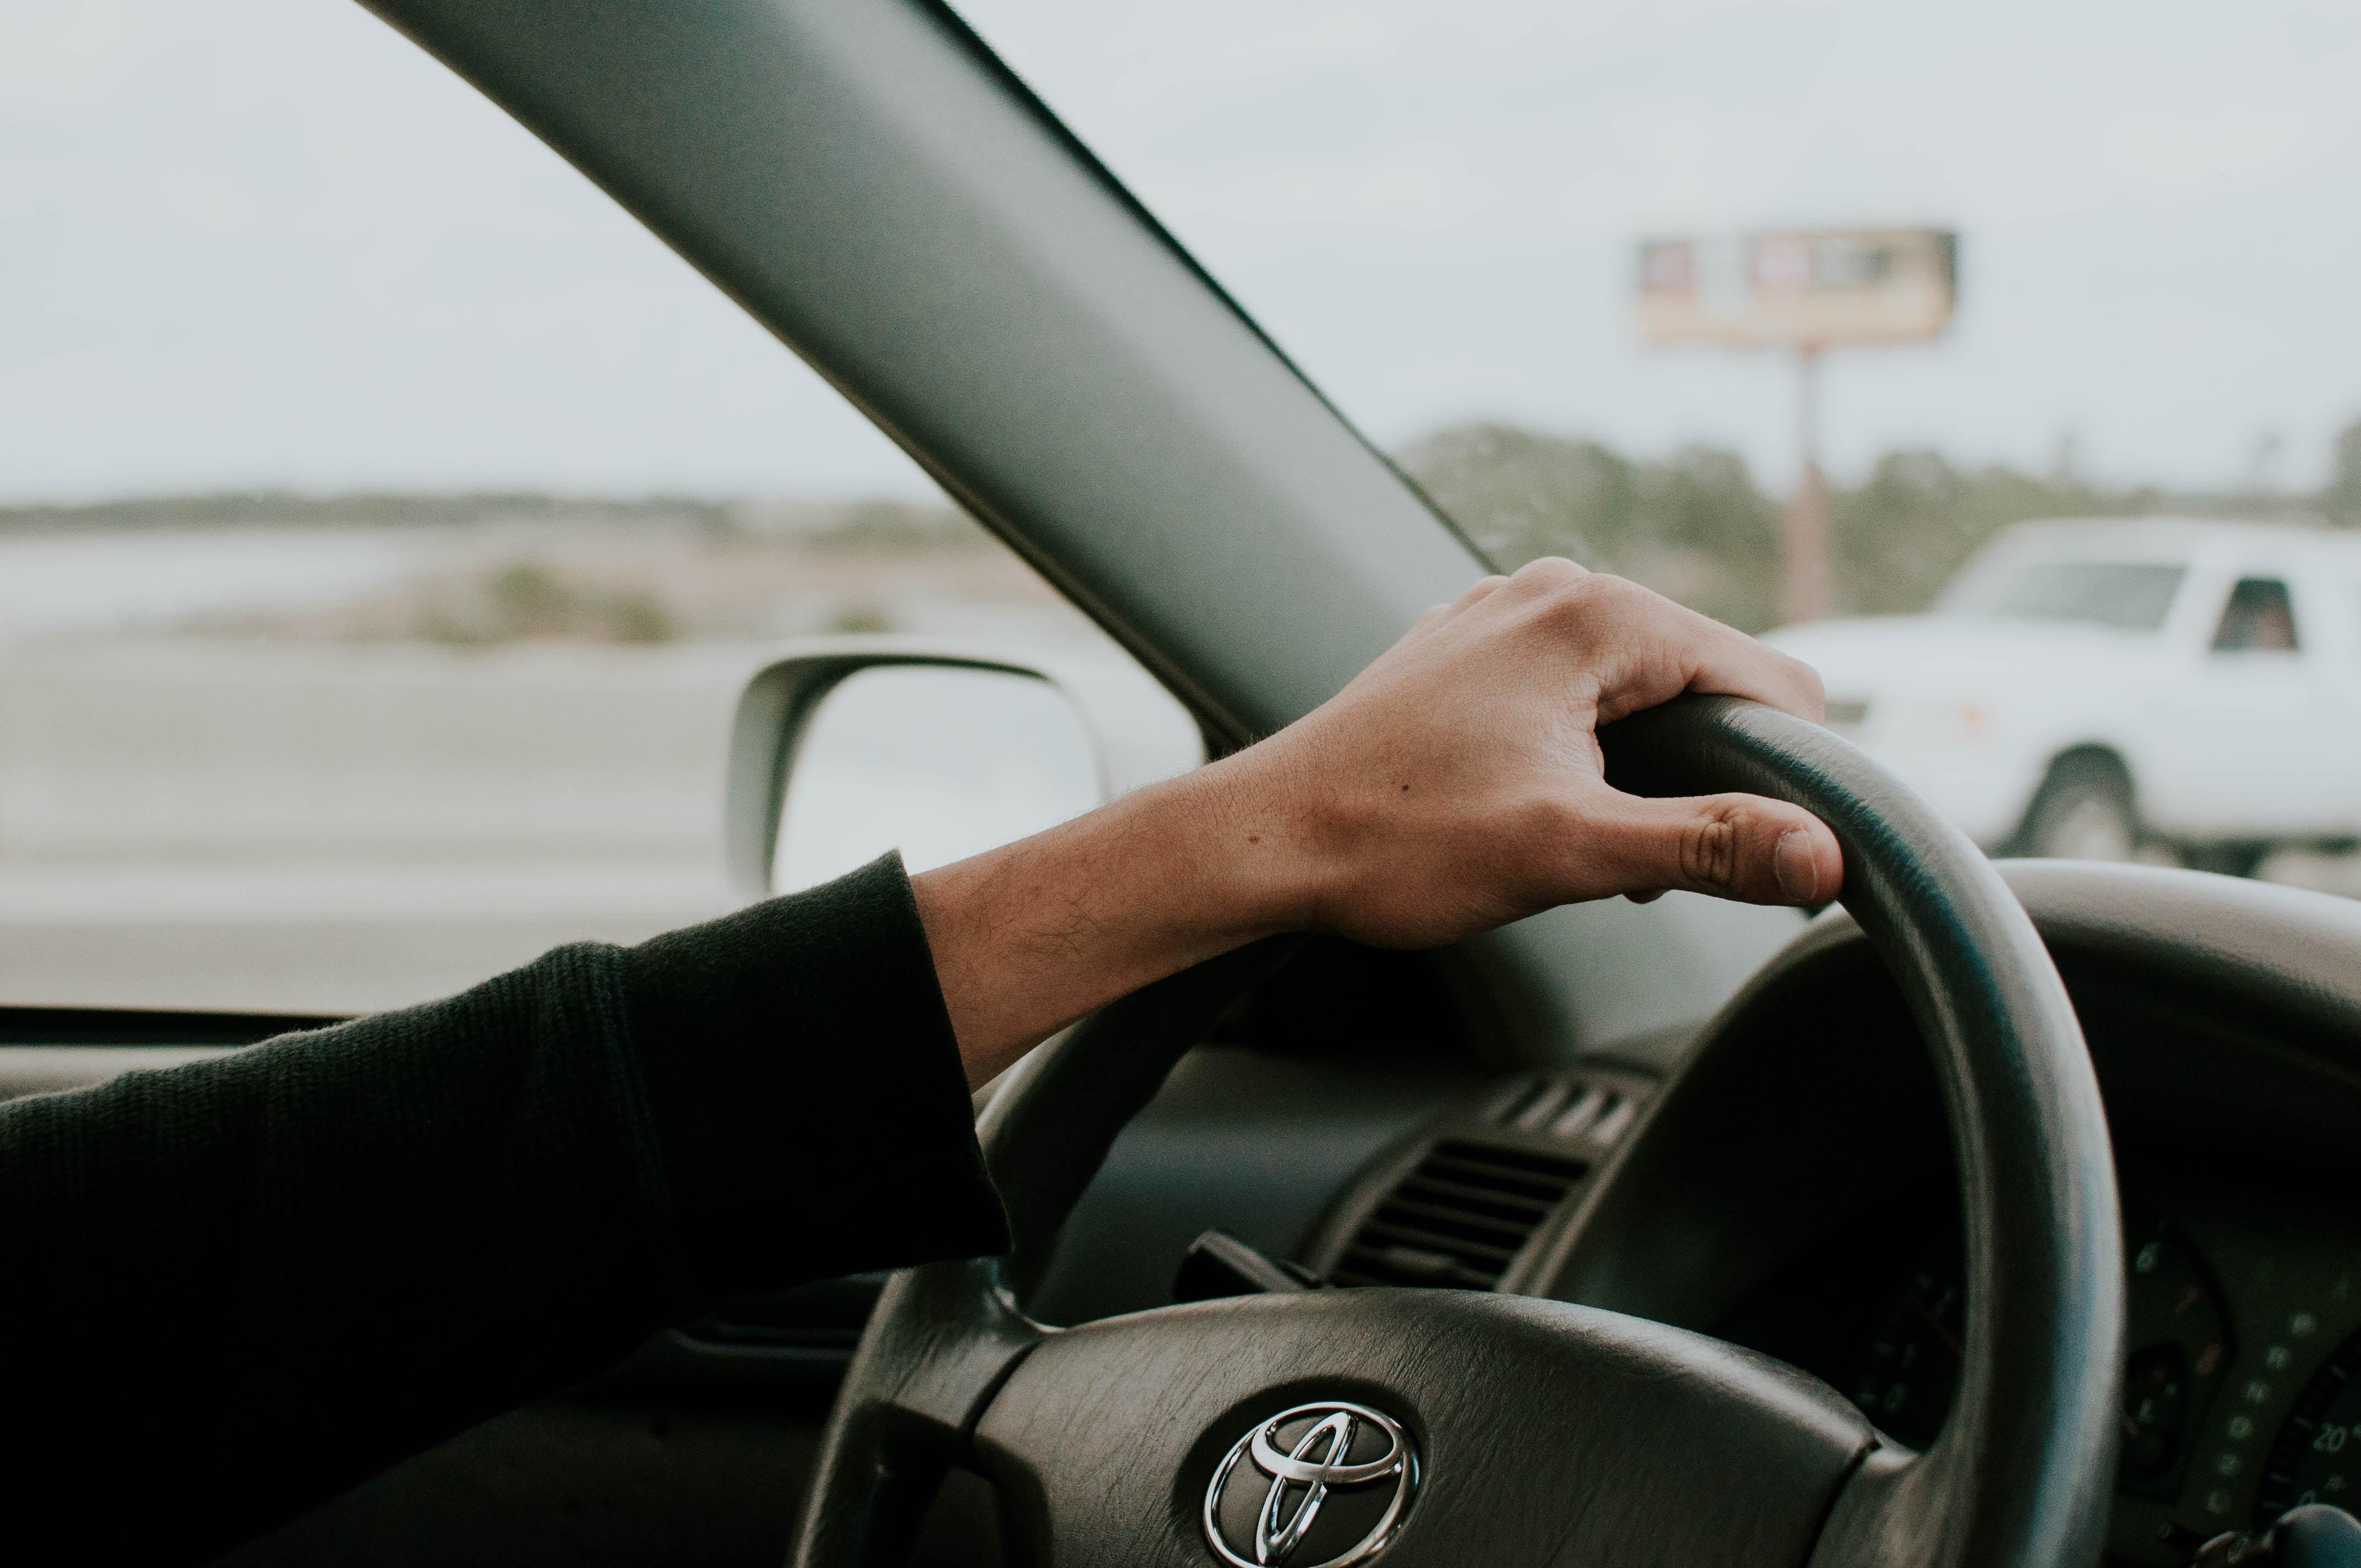 「若者の車離れ」は本当に起きているのか?